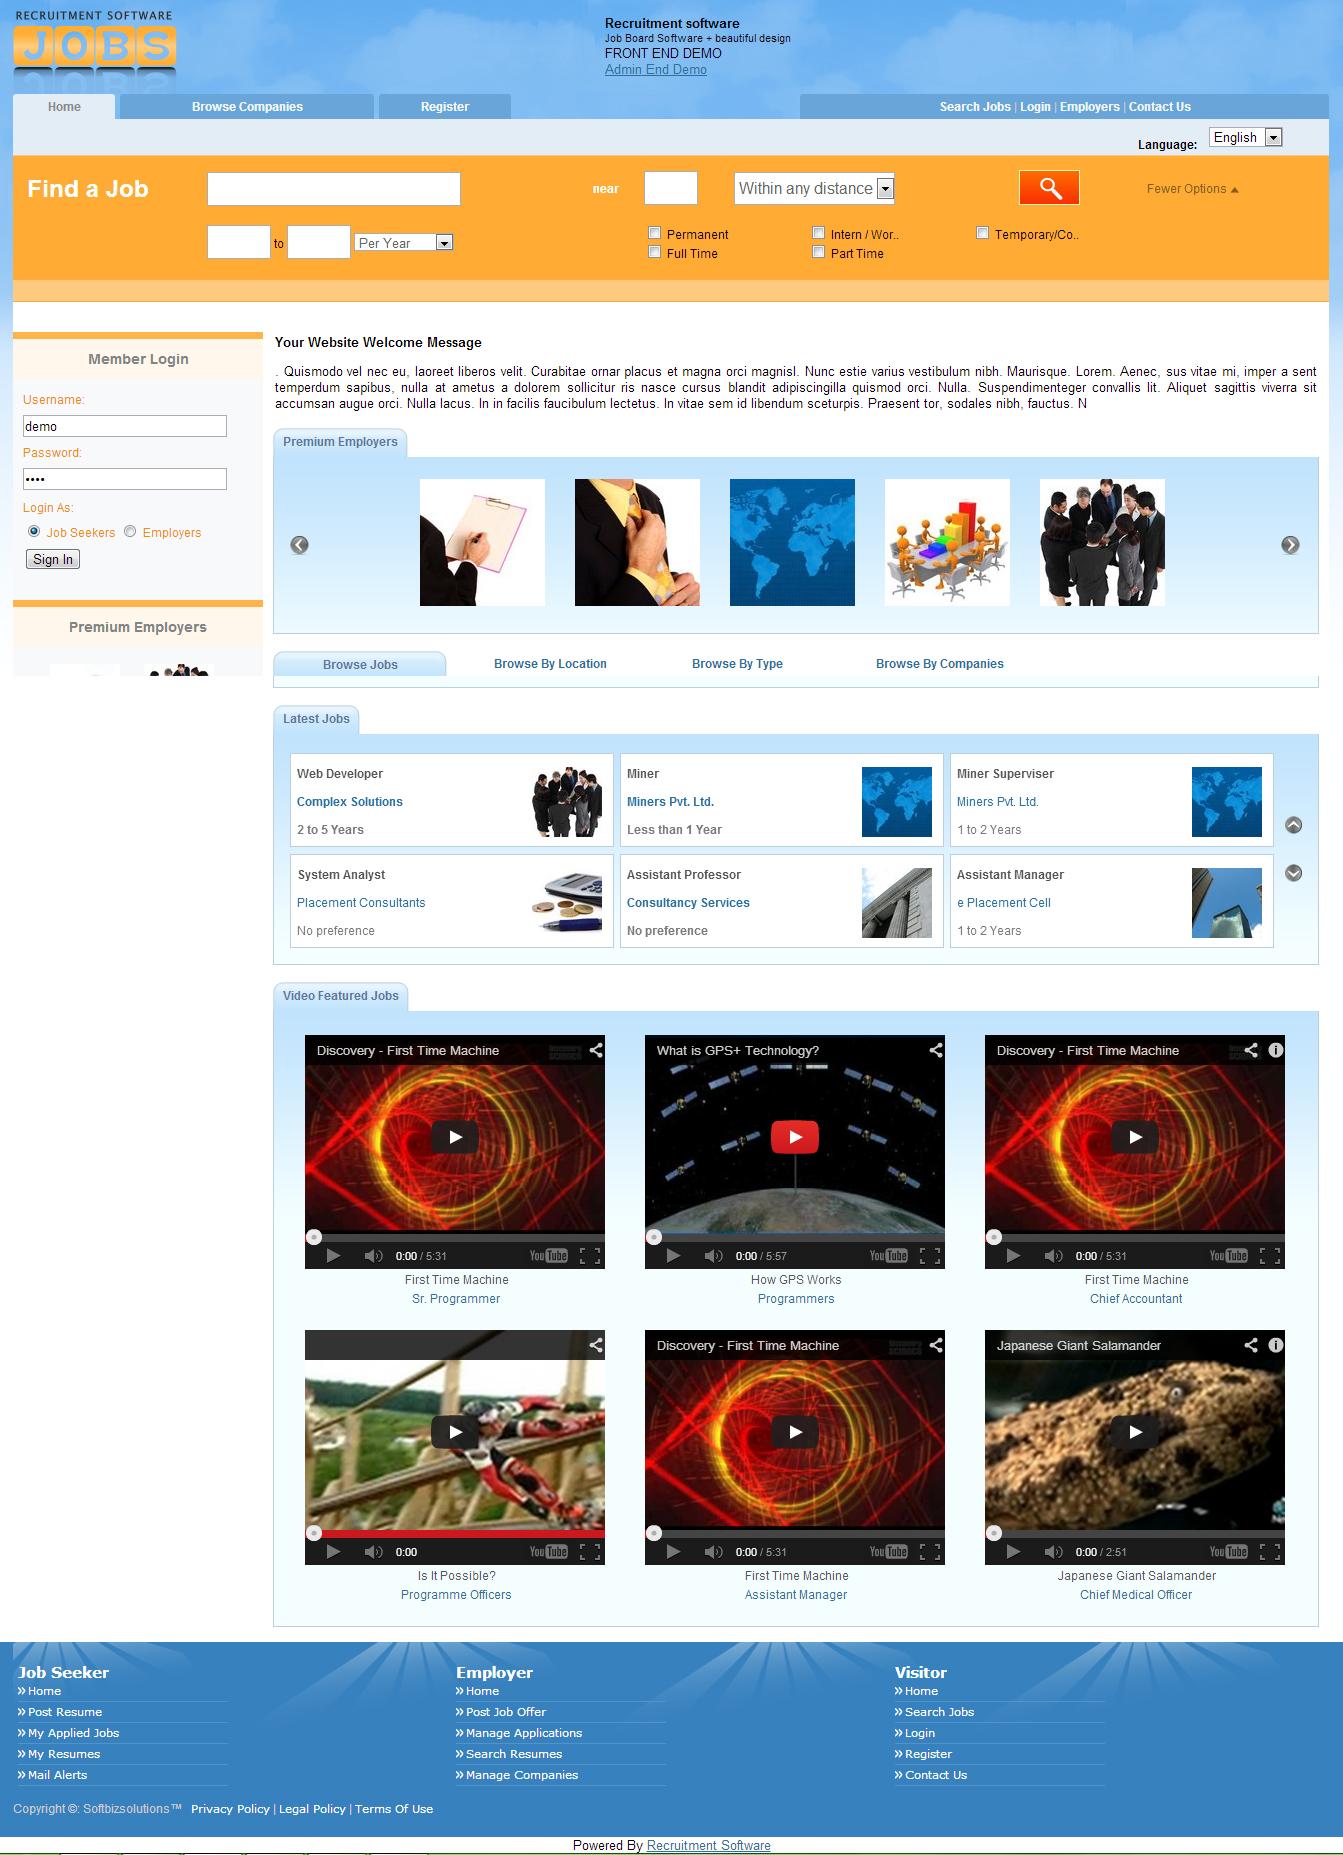 Recruitment Software Screenshot